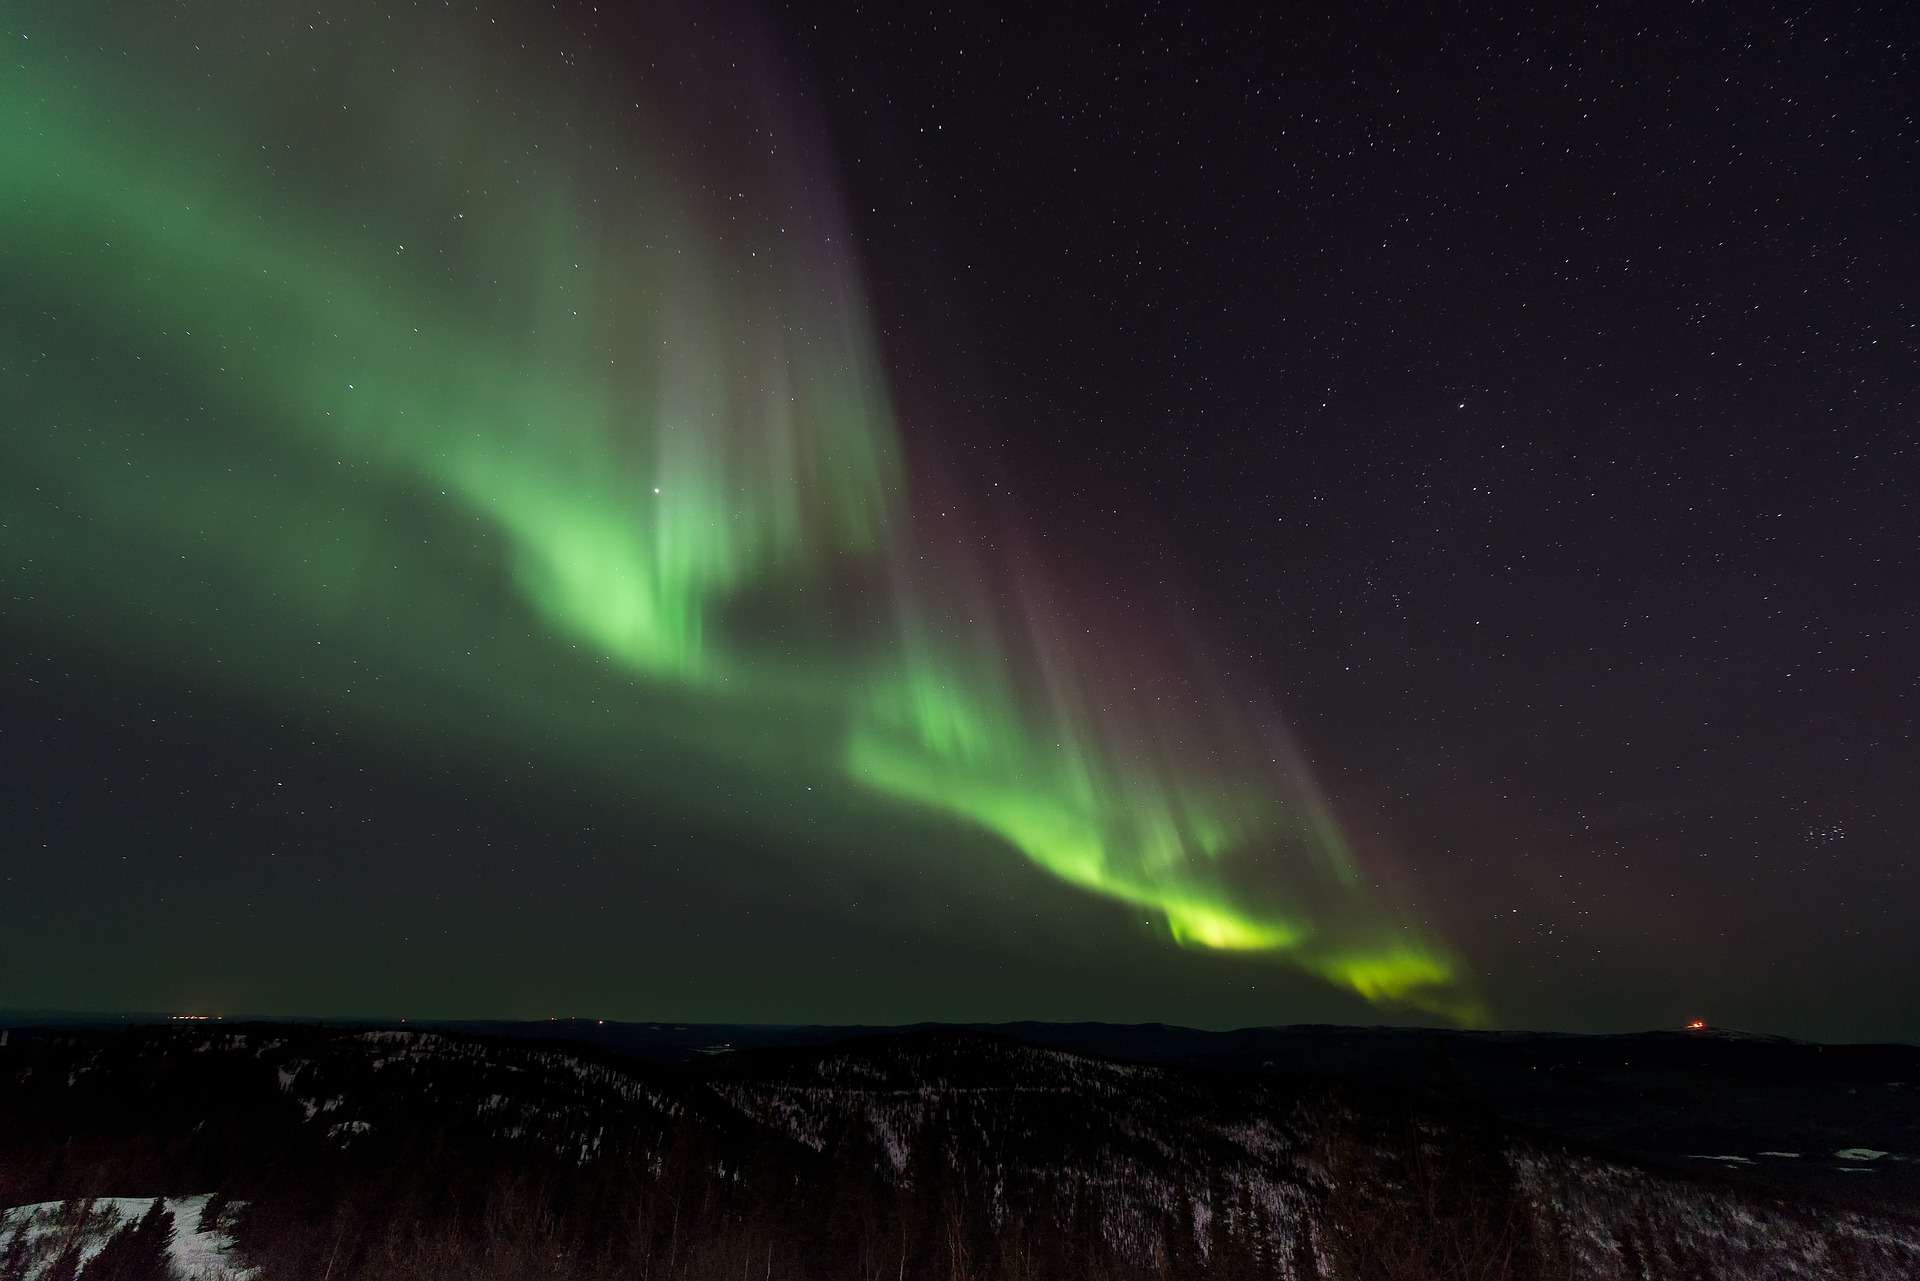 Aurora in Reykjavik, Iceland